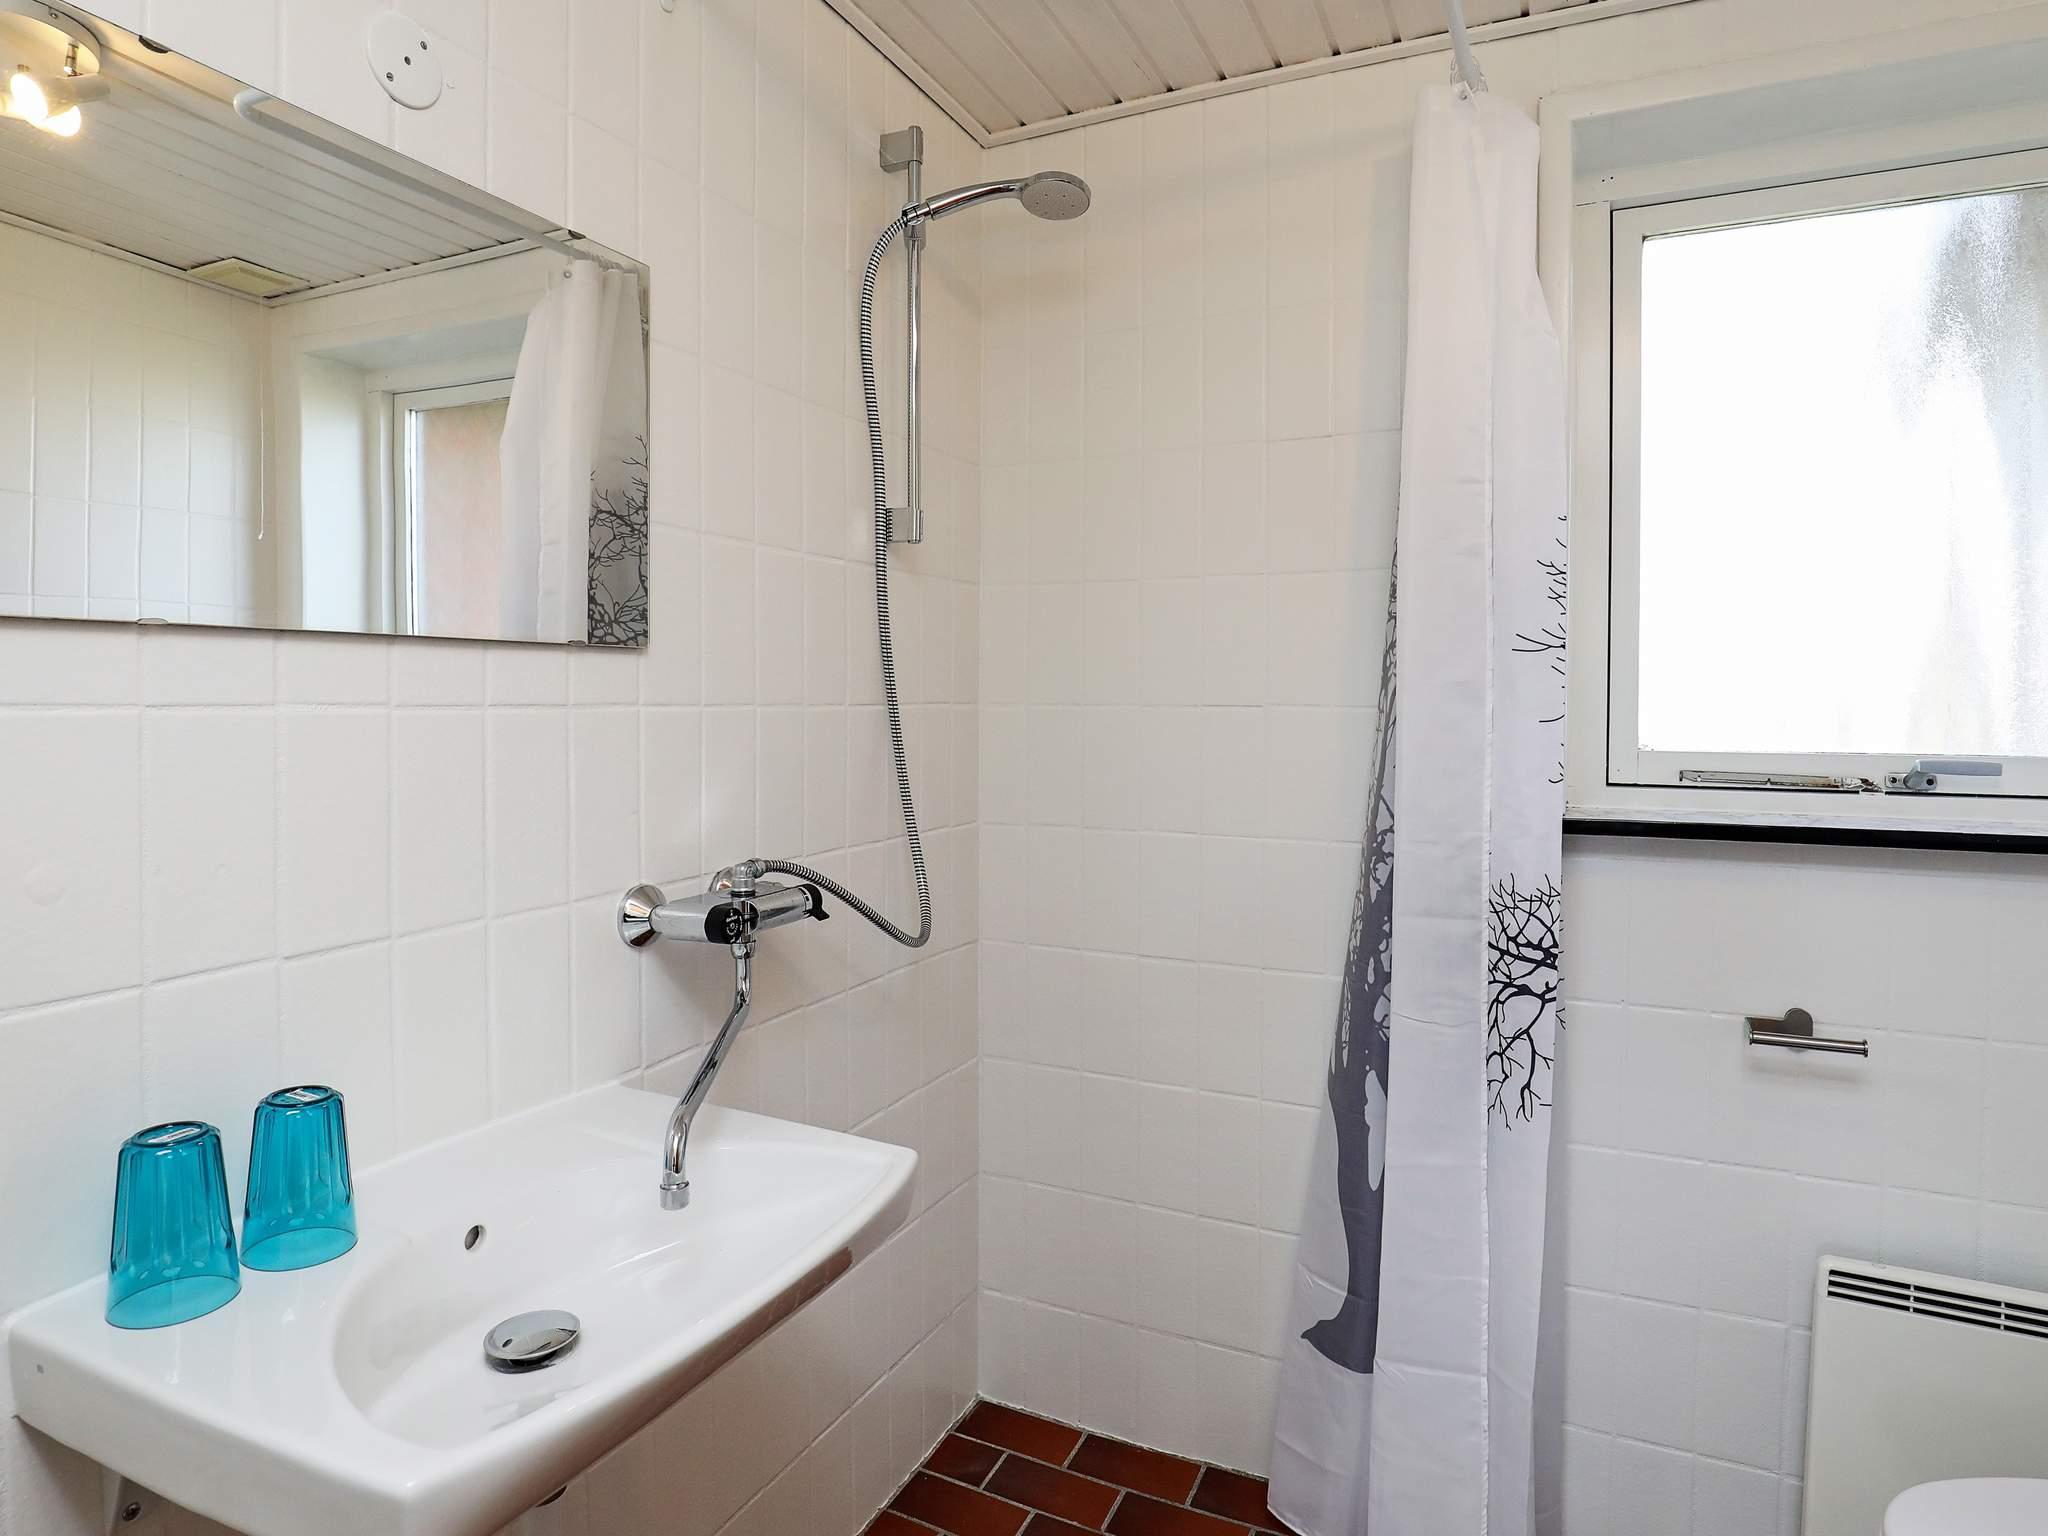 Ferienhaus Agger (81750), Vestervig, , Limfjord, Dänemark, Bild 8